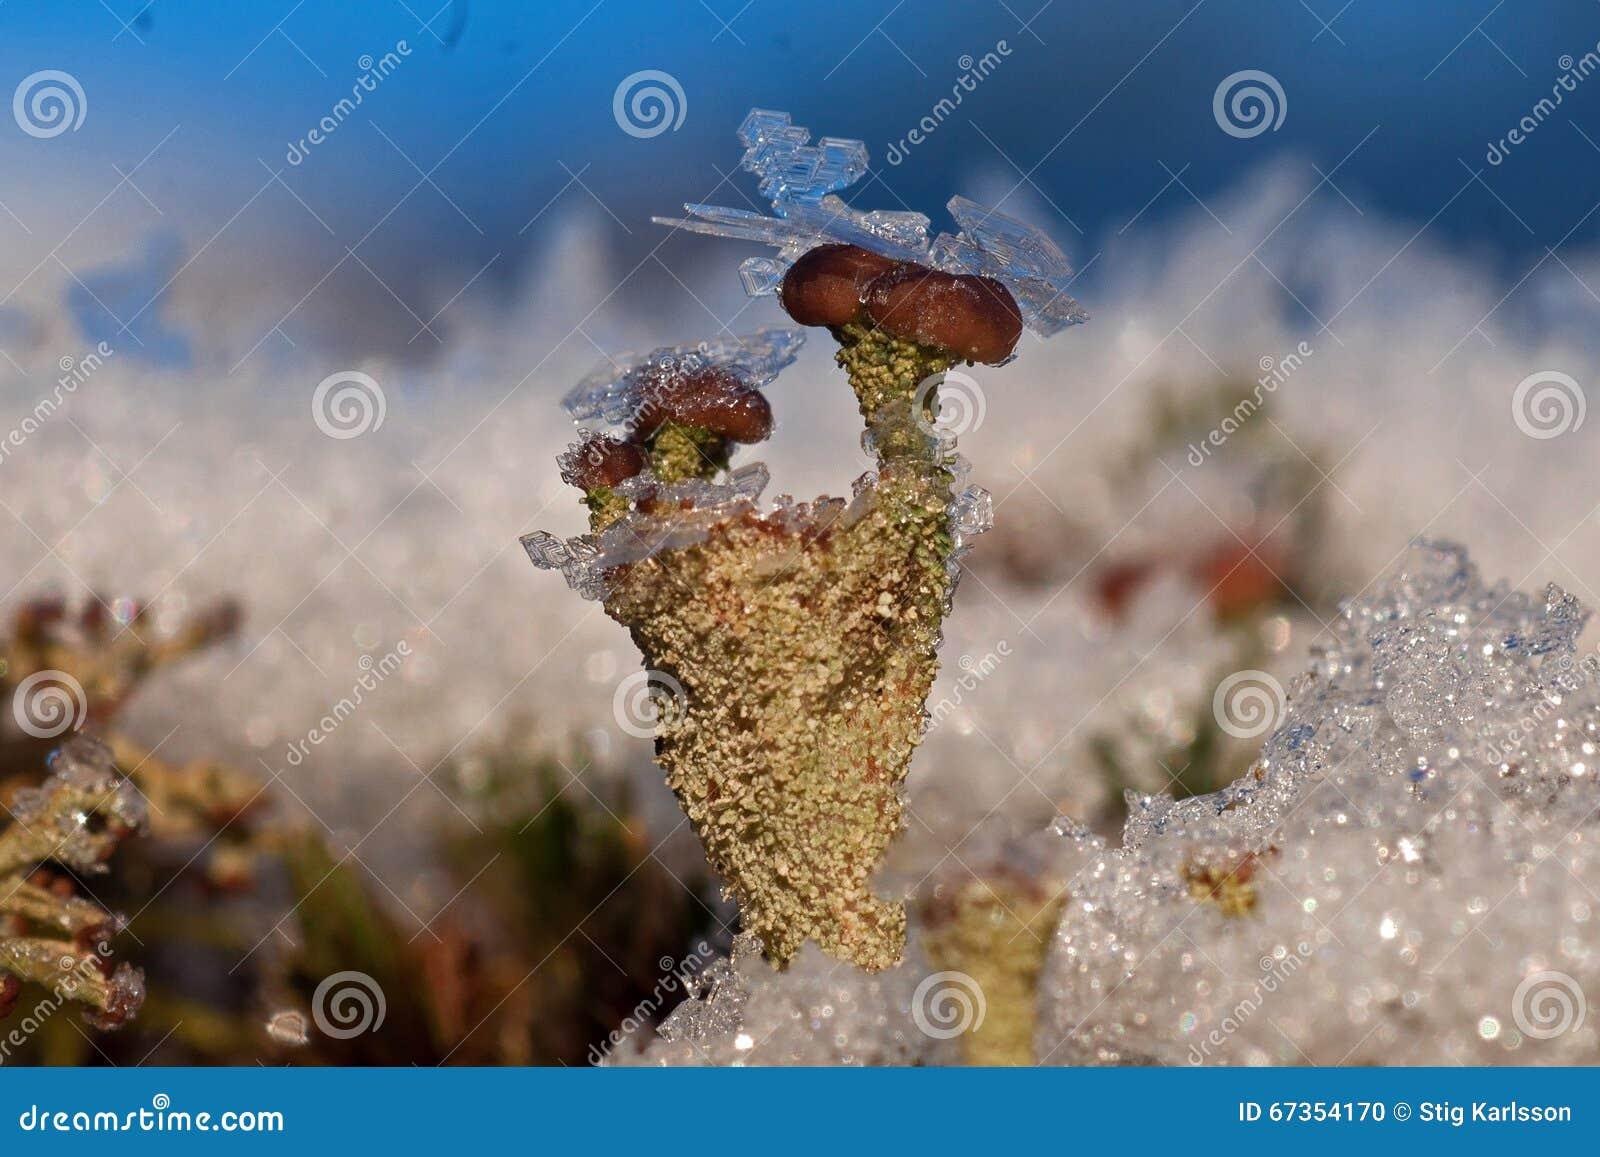 Lichen de renne couvert de cristaux de glace pendant l hiver